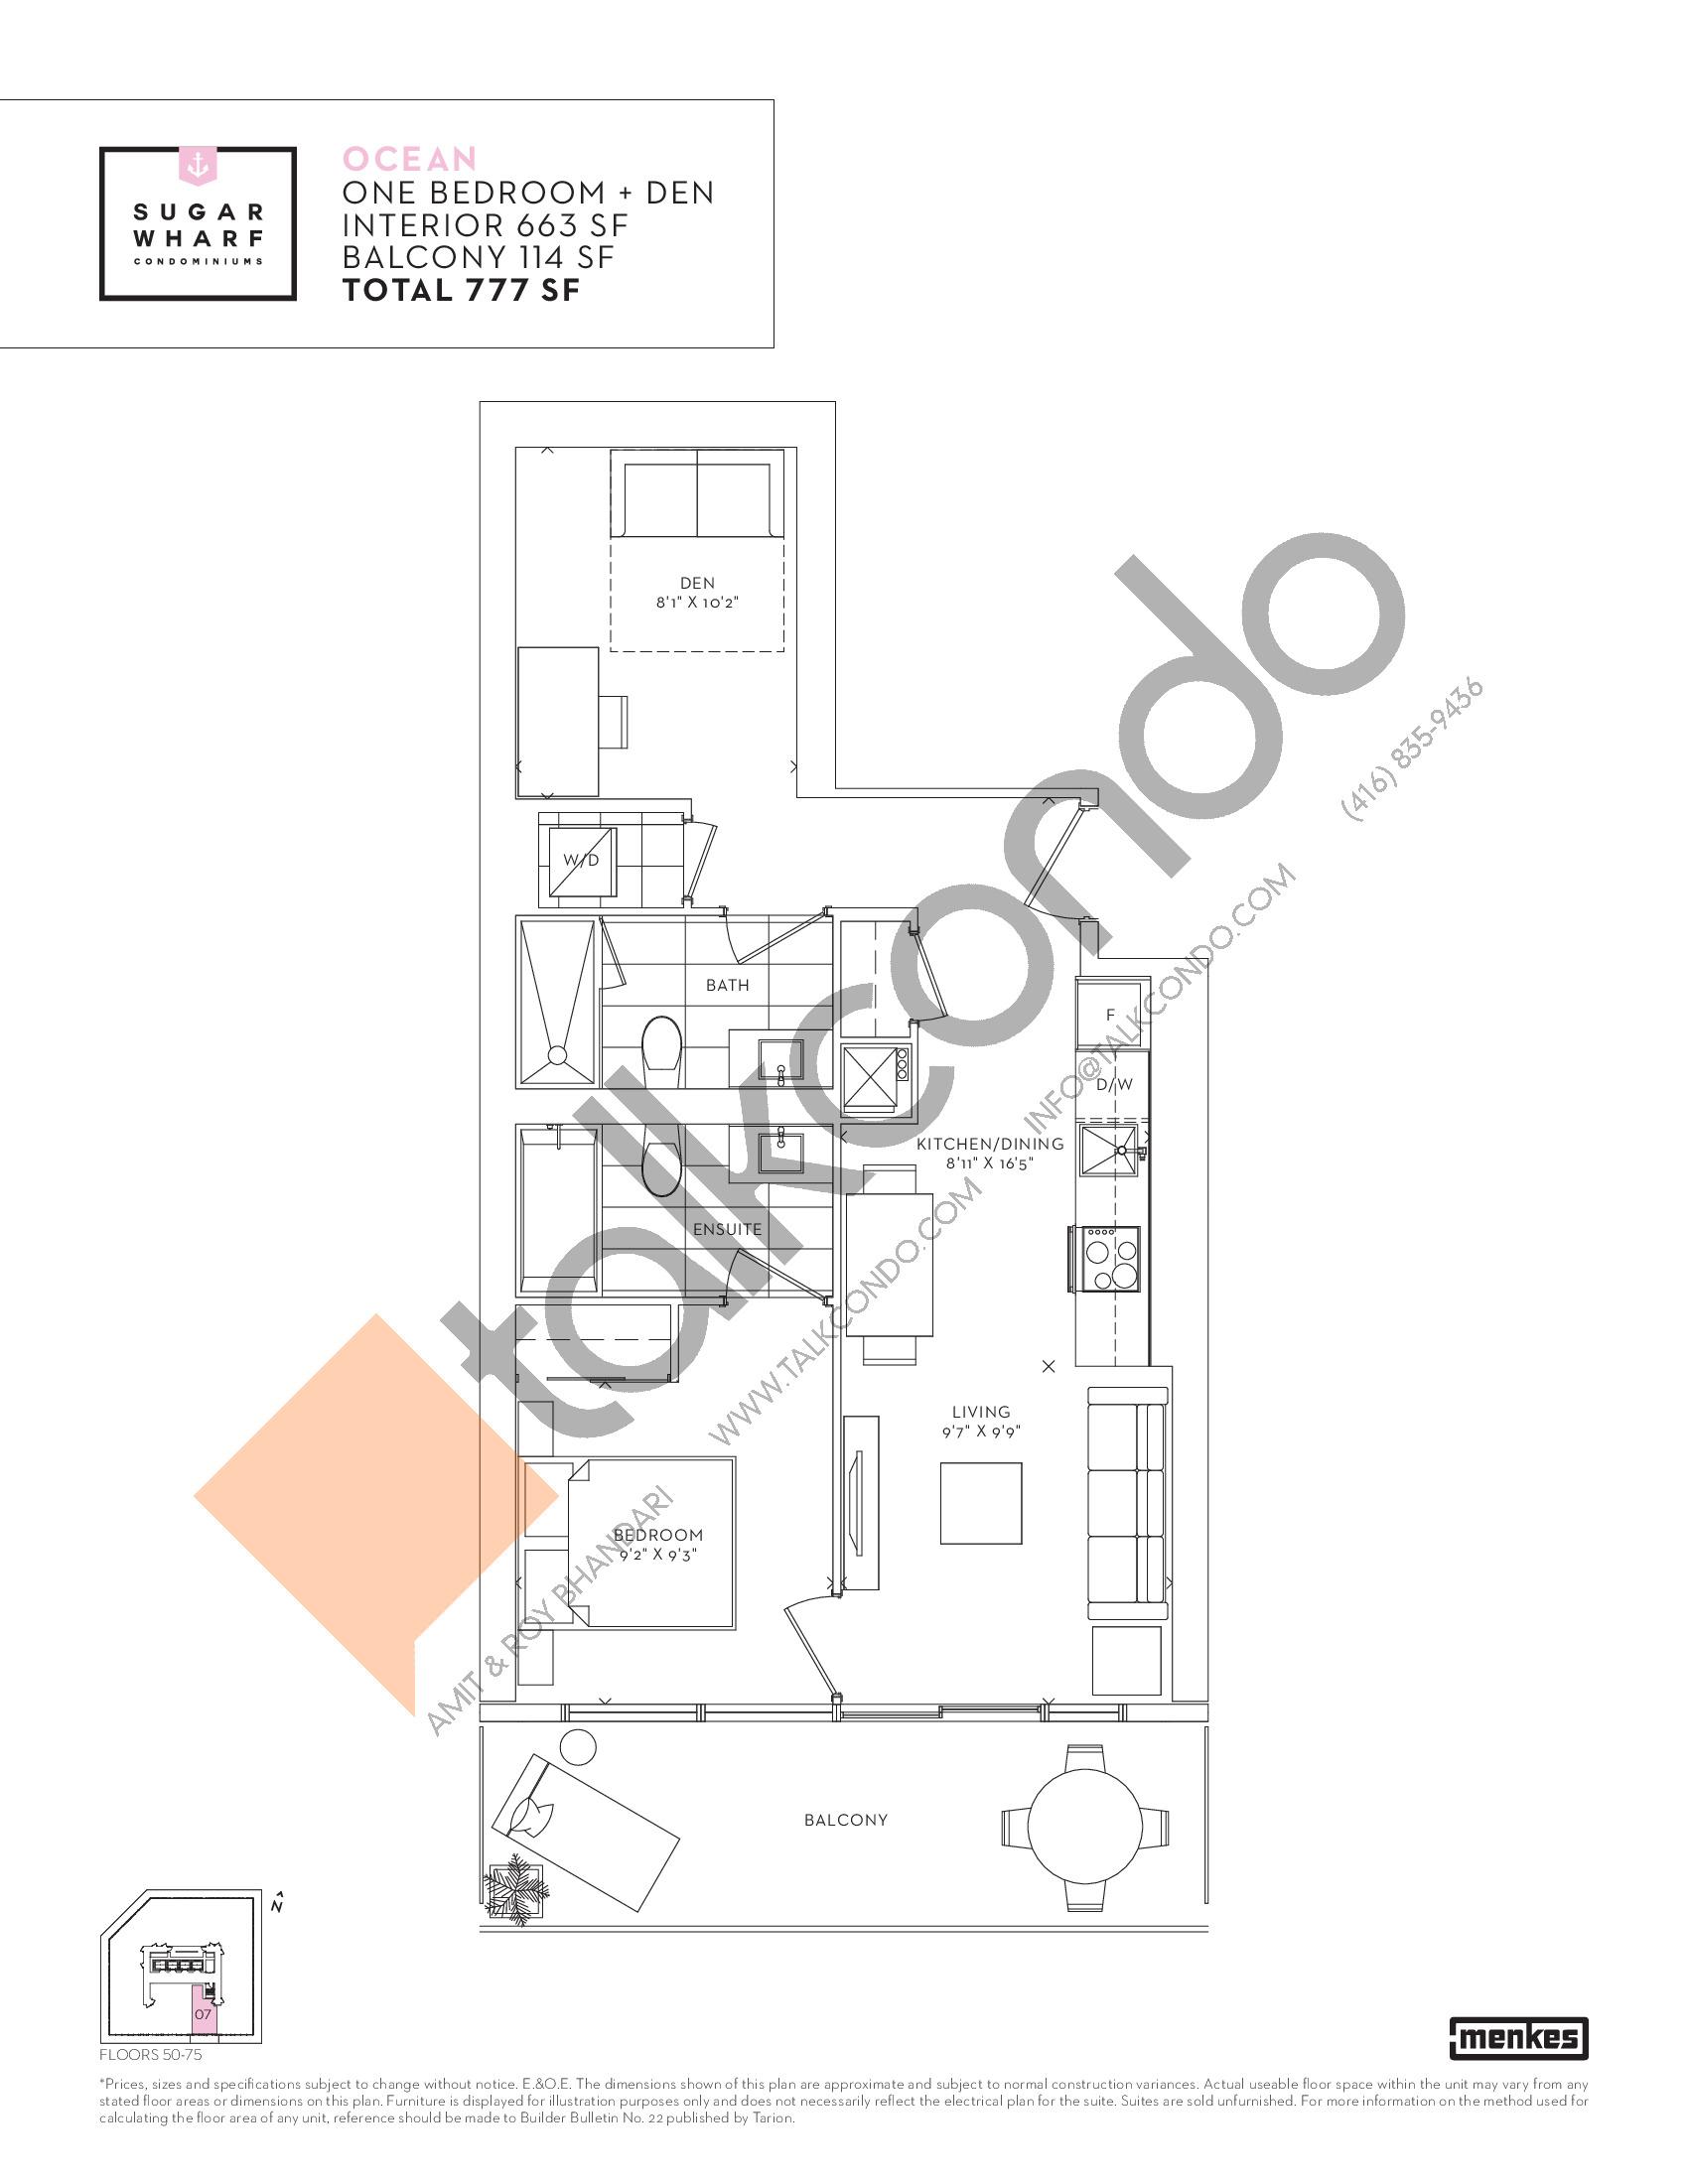 Ocean Floor Plan at Sugar Wharf Condos East Tower - 663 sq.ft